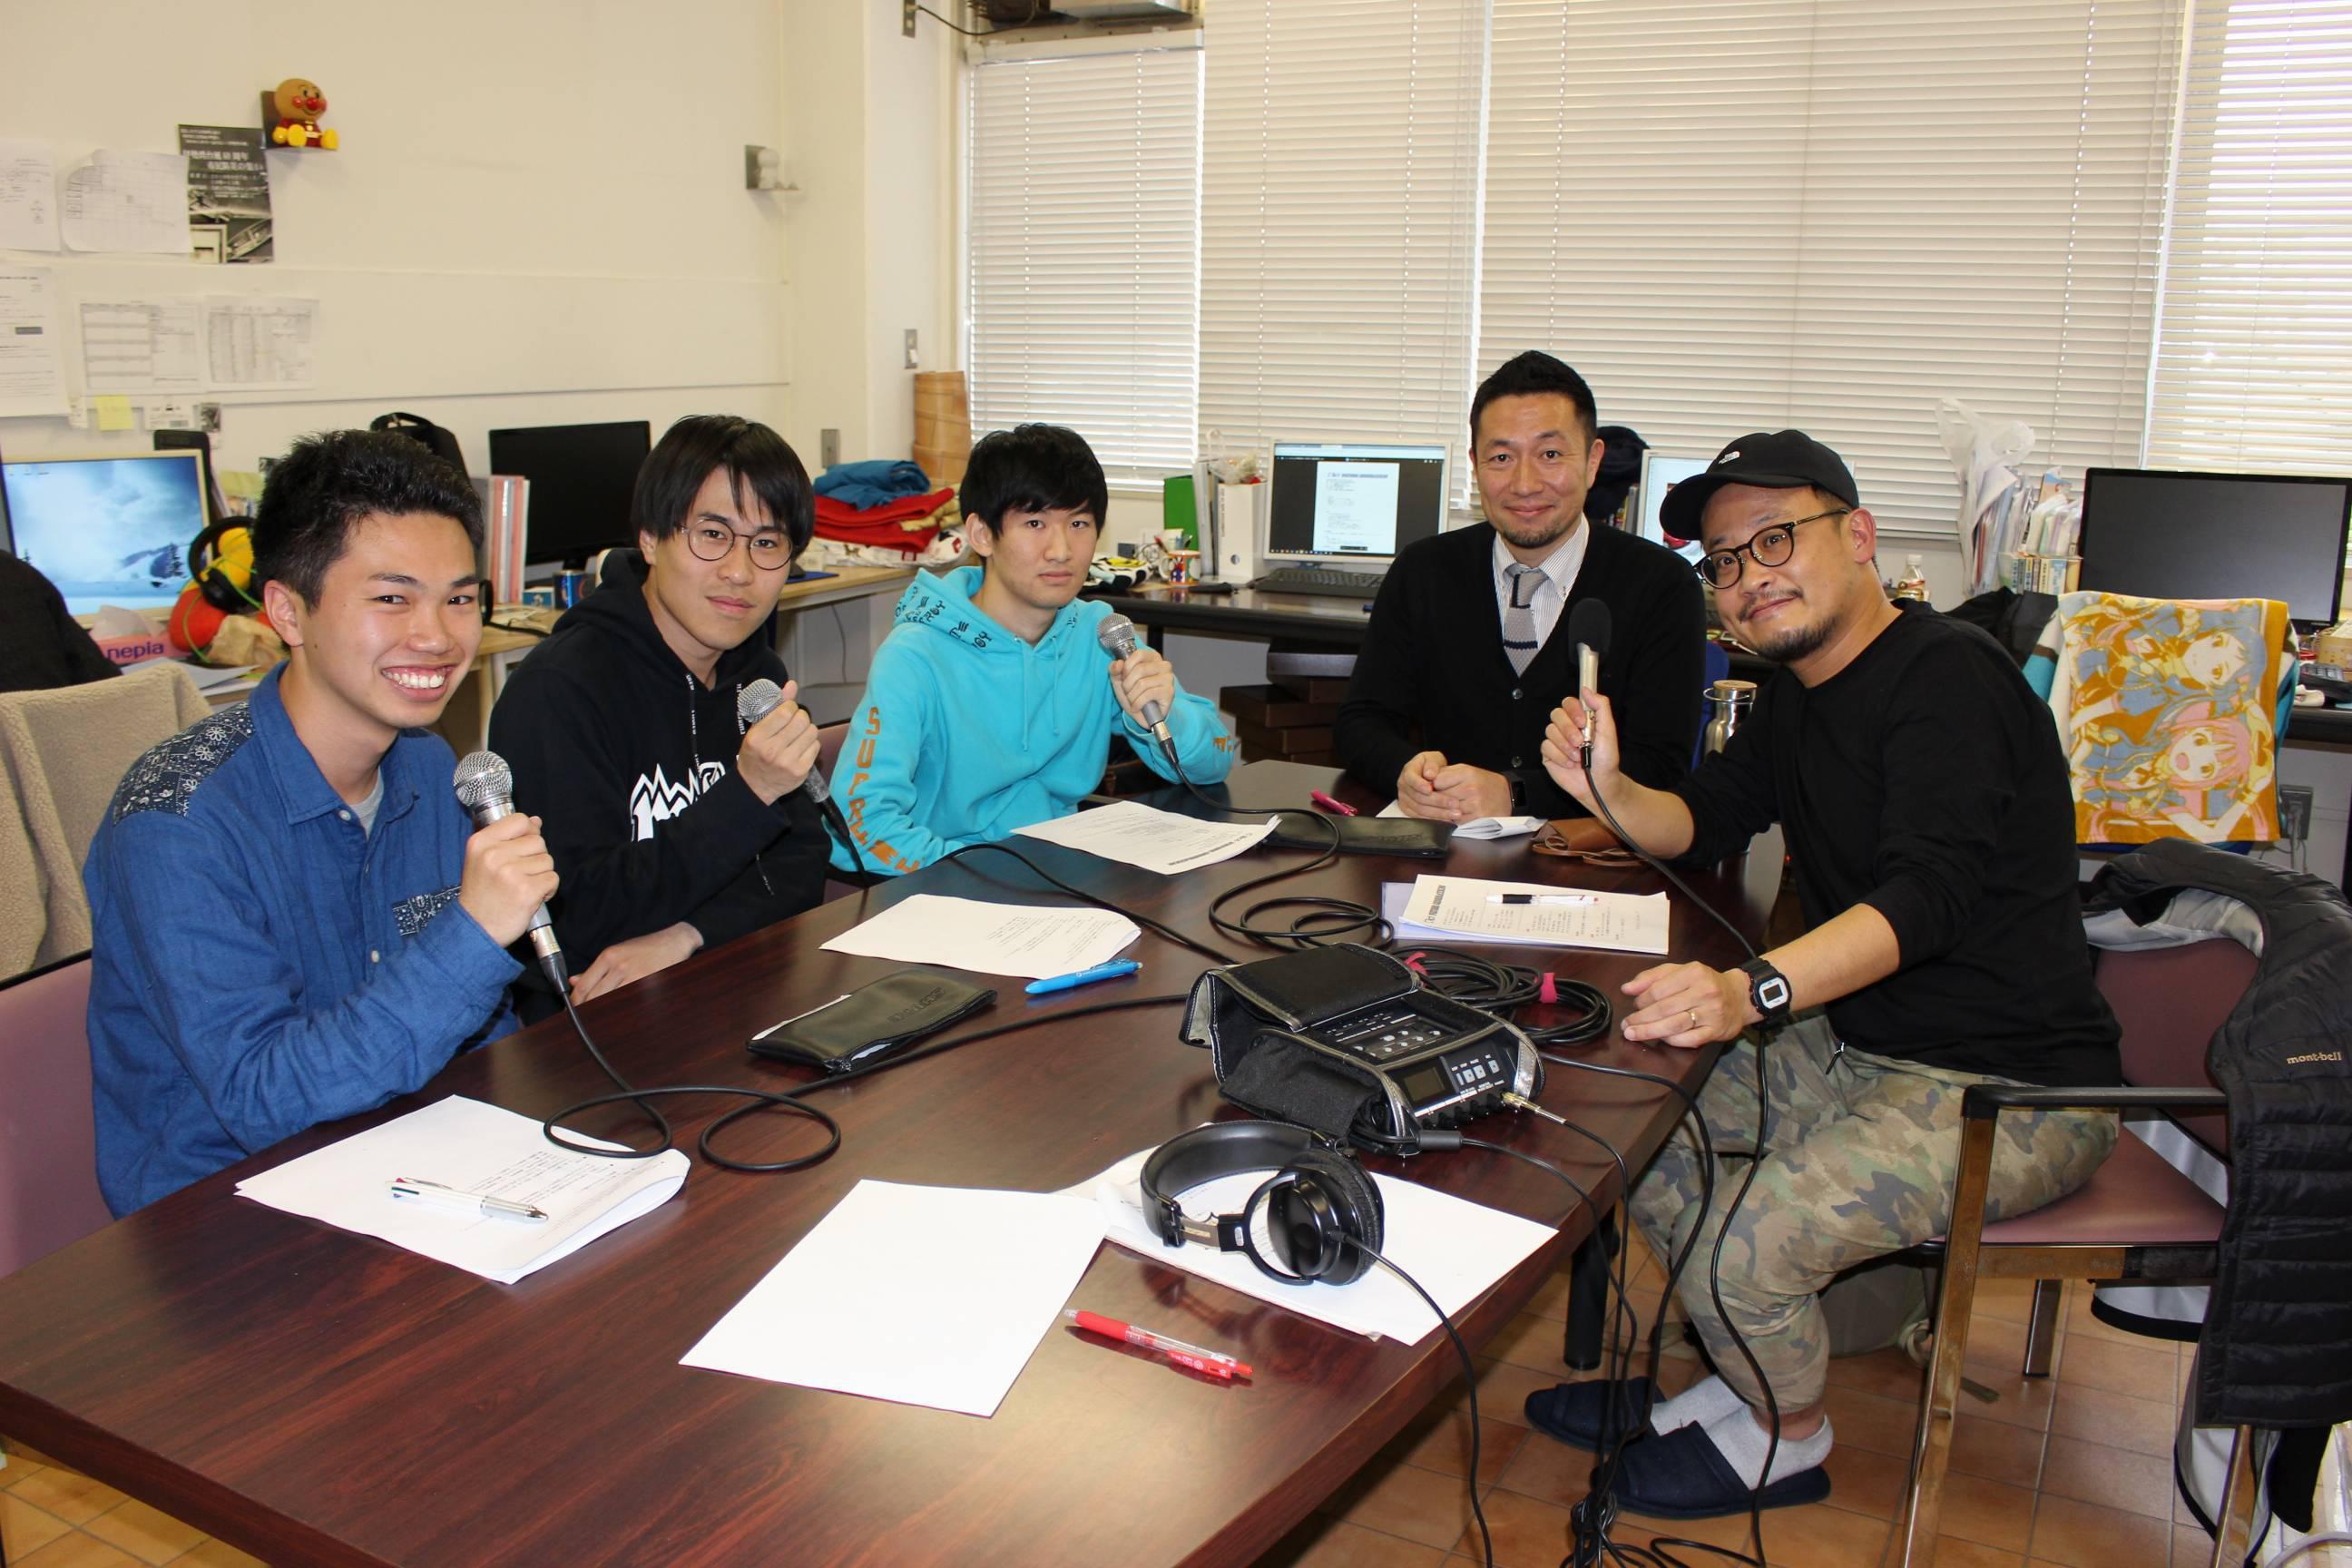 収録時の記念撮影。(左から)中村さん、広瀬さん、廣瀬さん、樋口講師、パーソナリティの平野聡さん